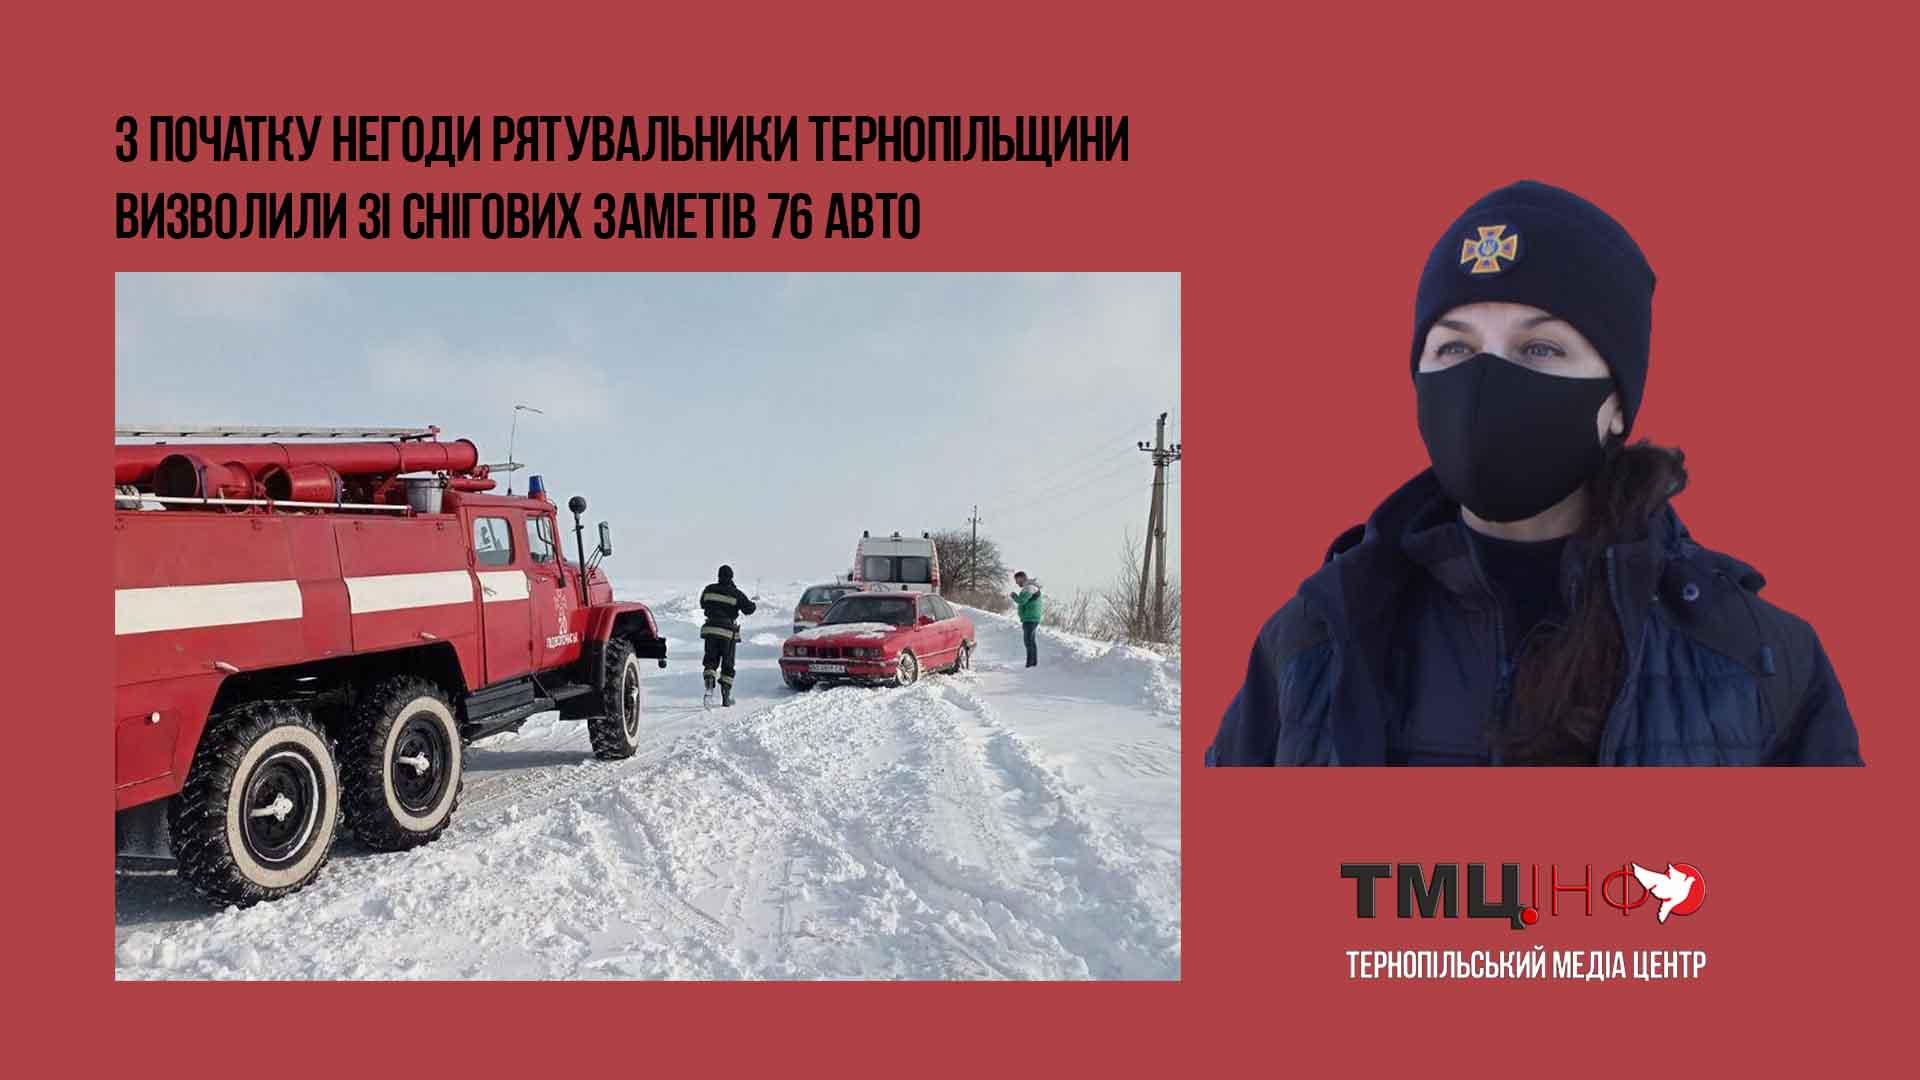 З початку негоди рятувальники Тернопільщини визволили зі снігових заметів 76 авто